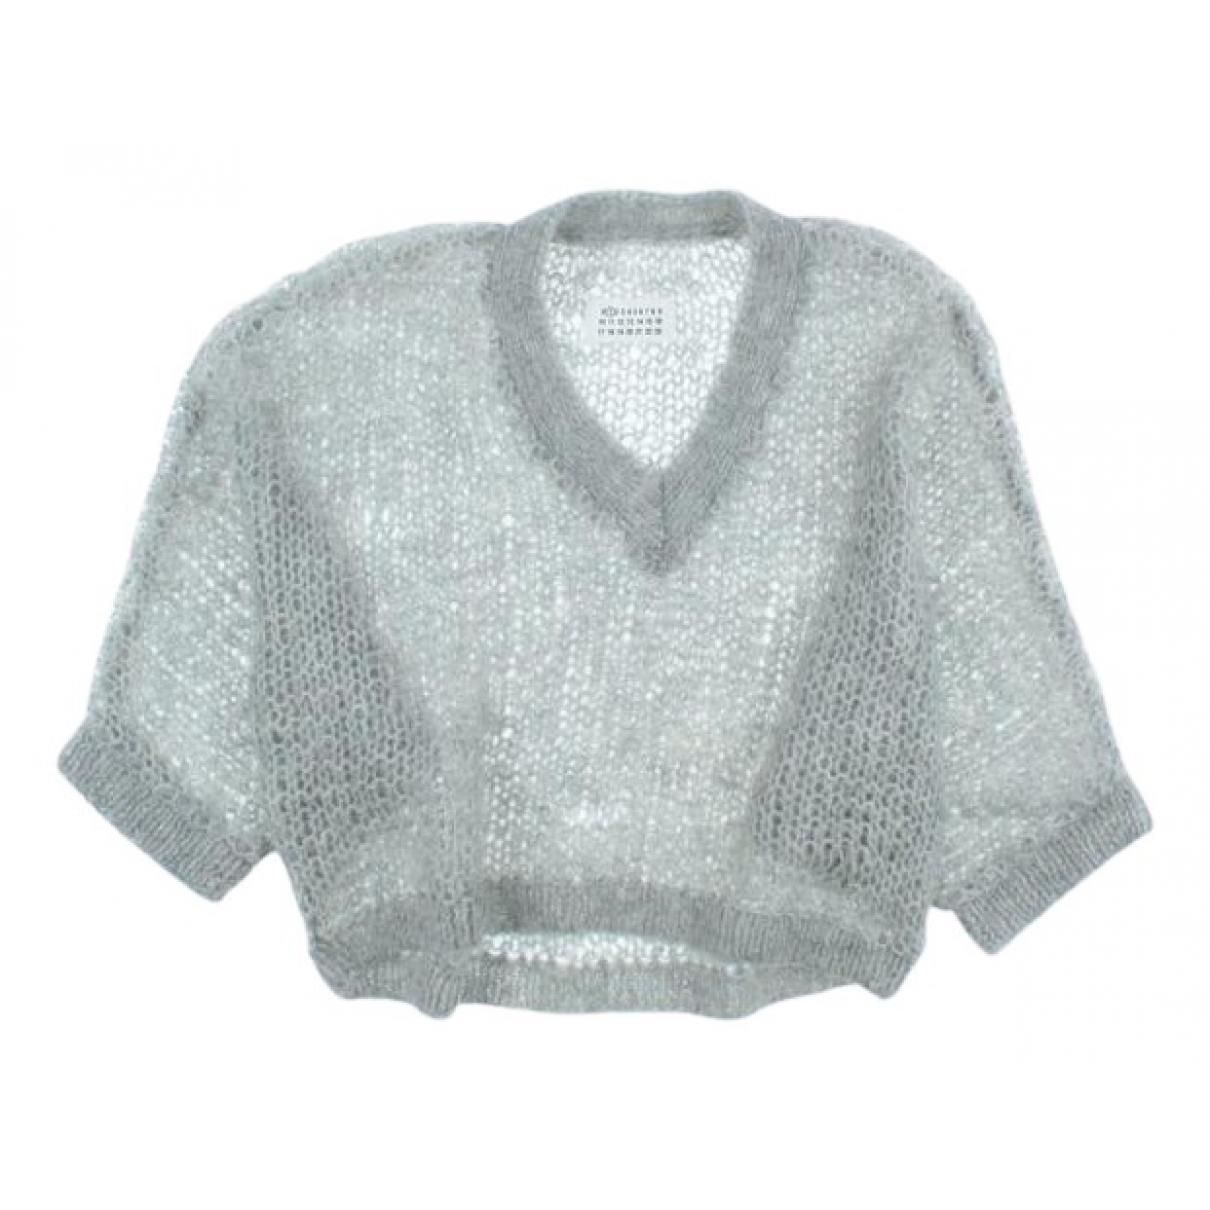 Maison Martin Margiela - Pull   pour femme - gris